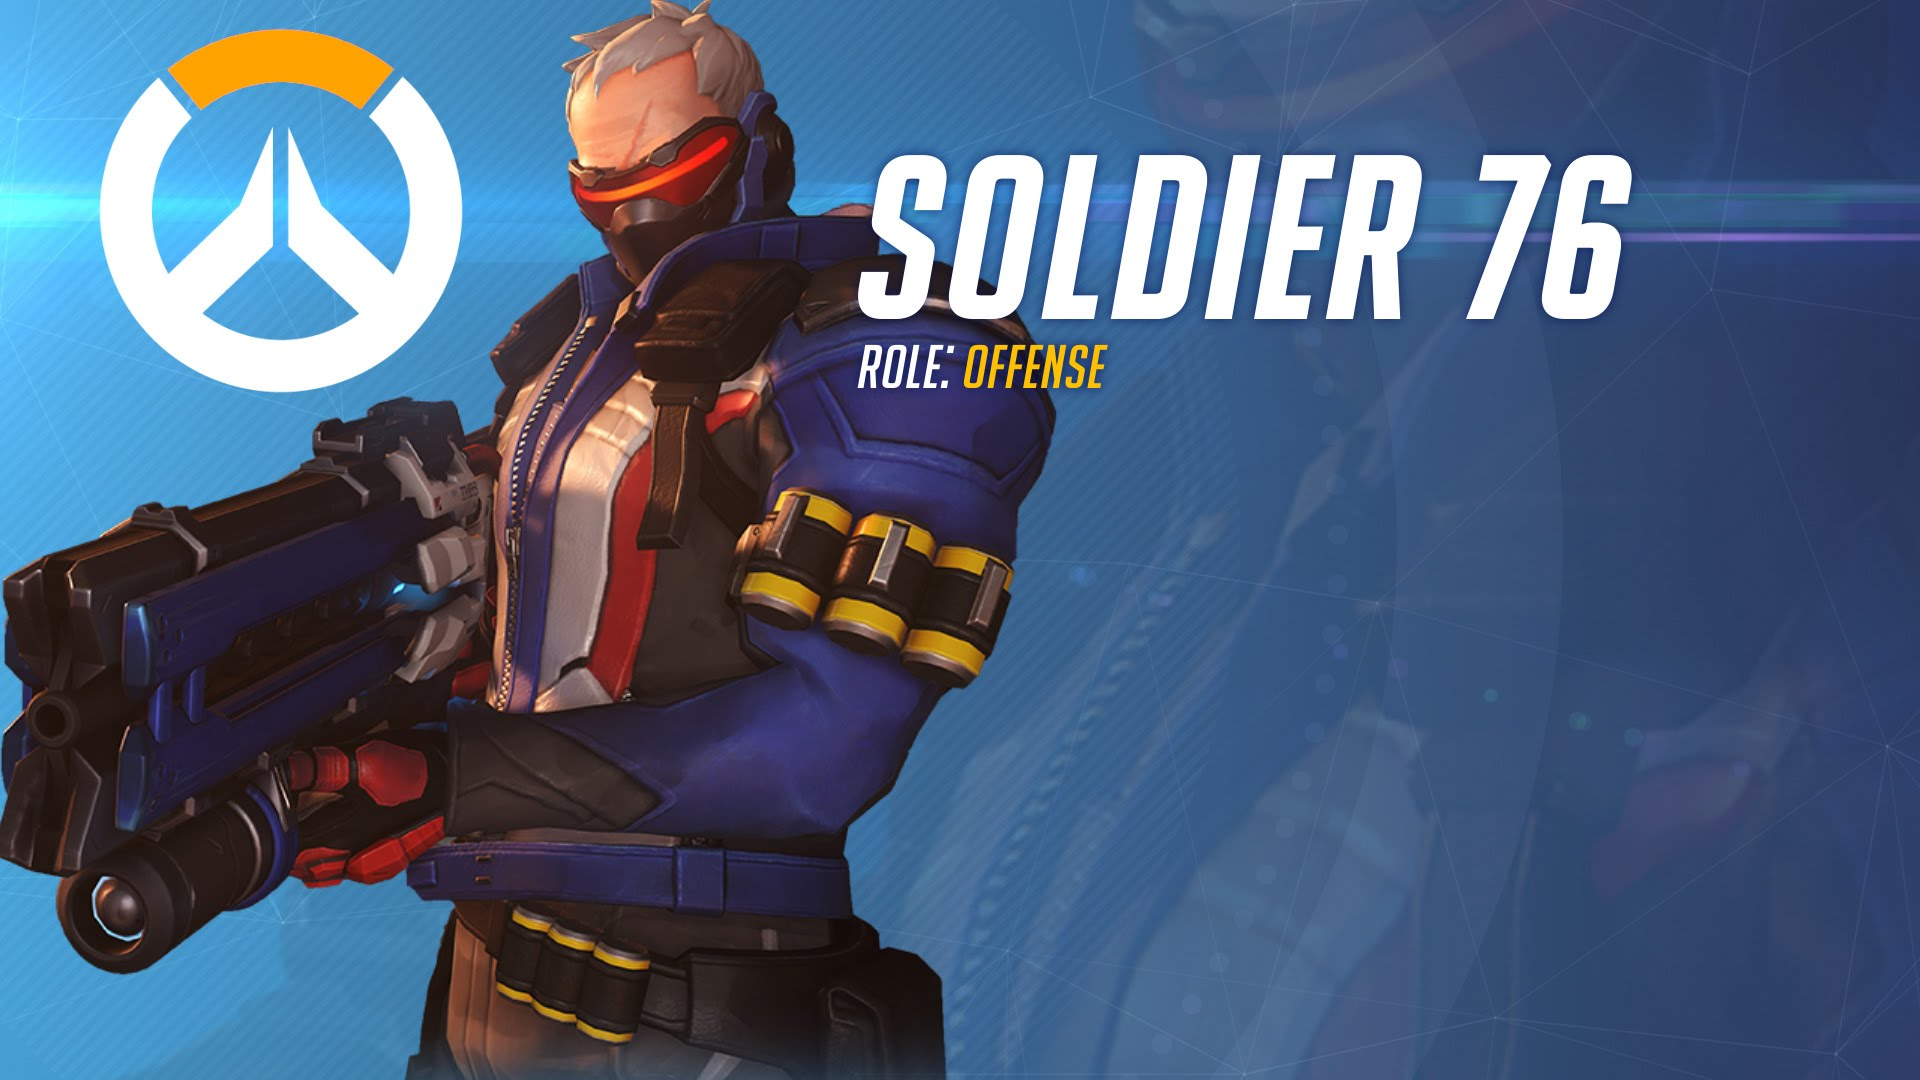 Overwatch : Soldier: 76 widescreen wallpapers